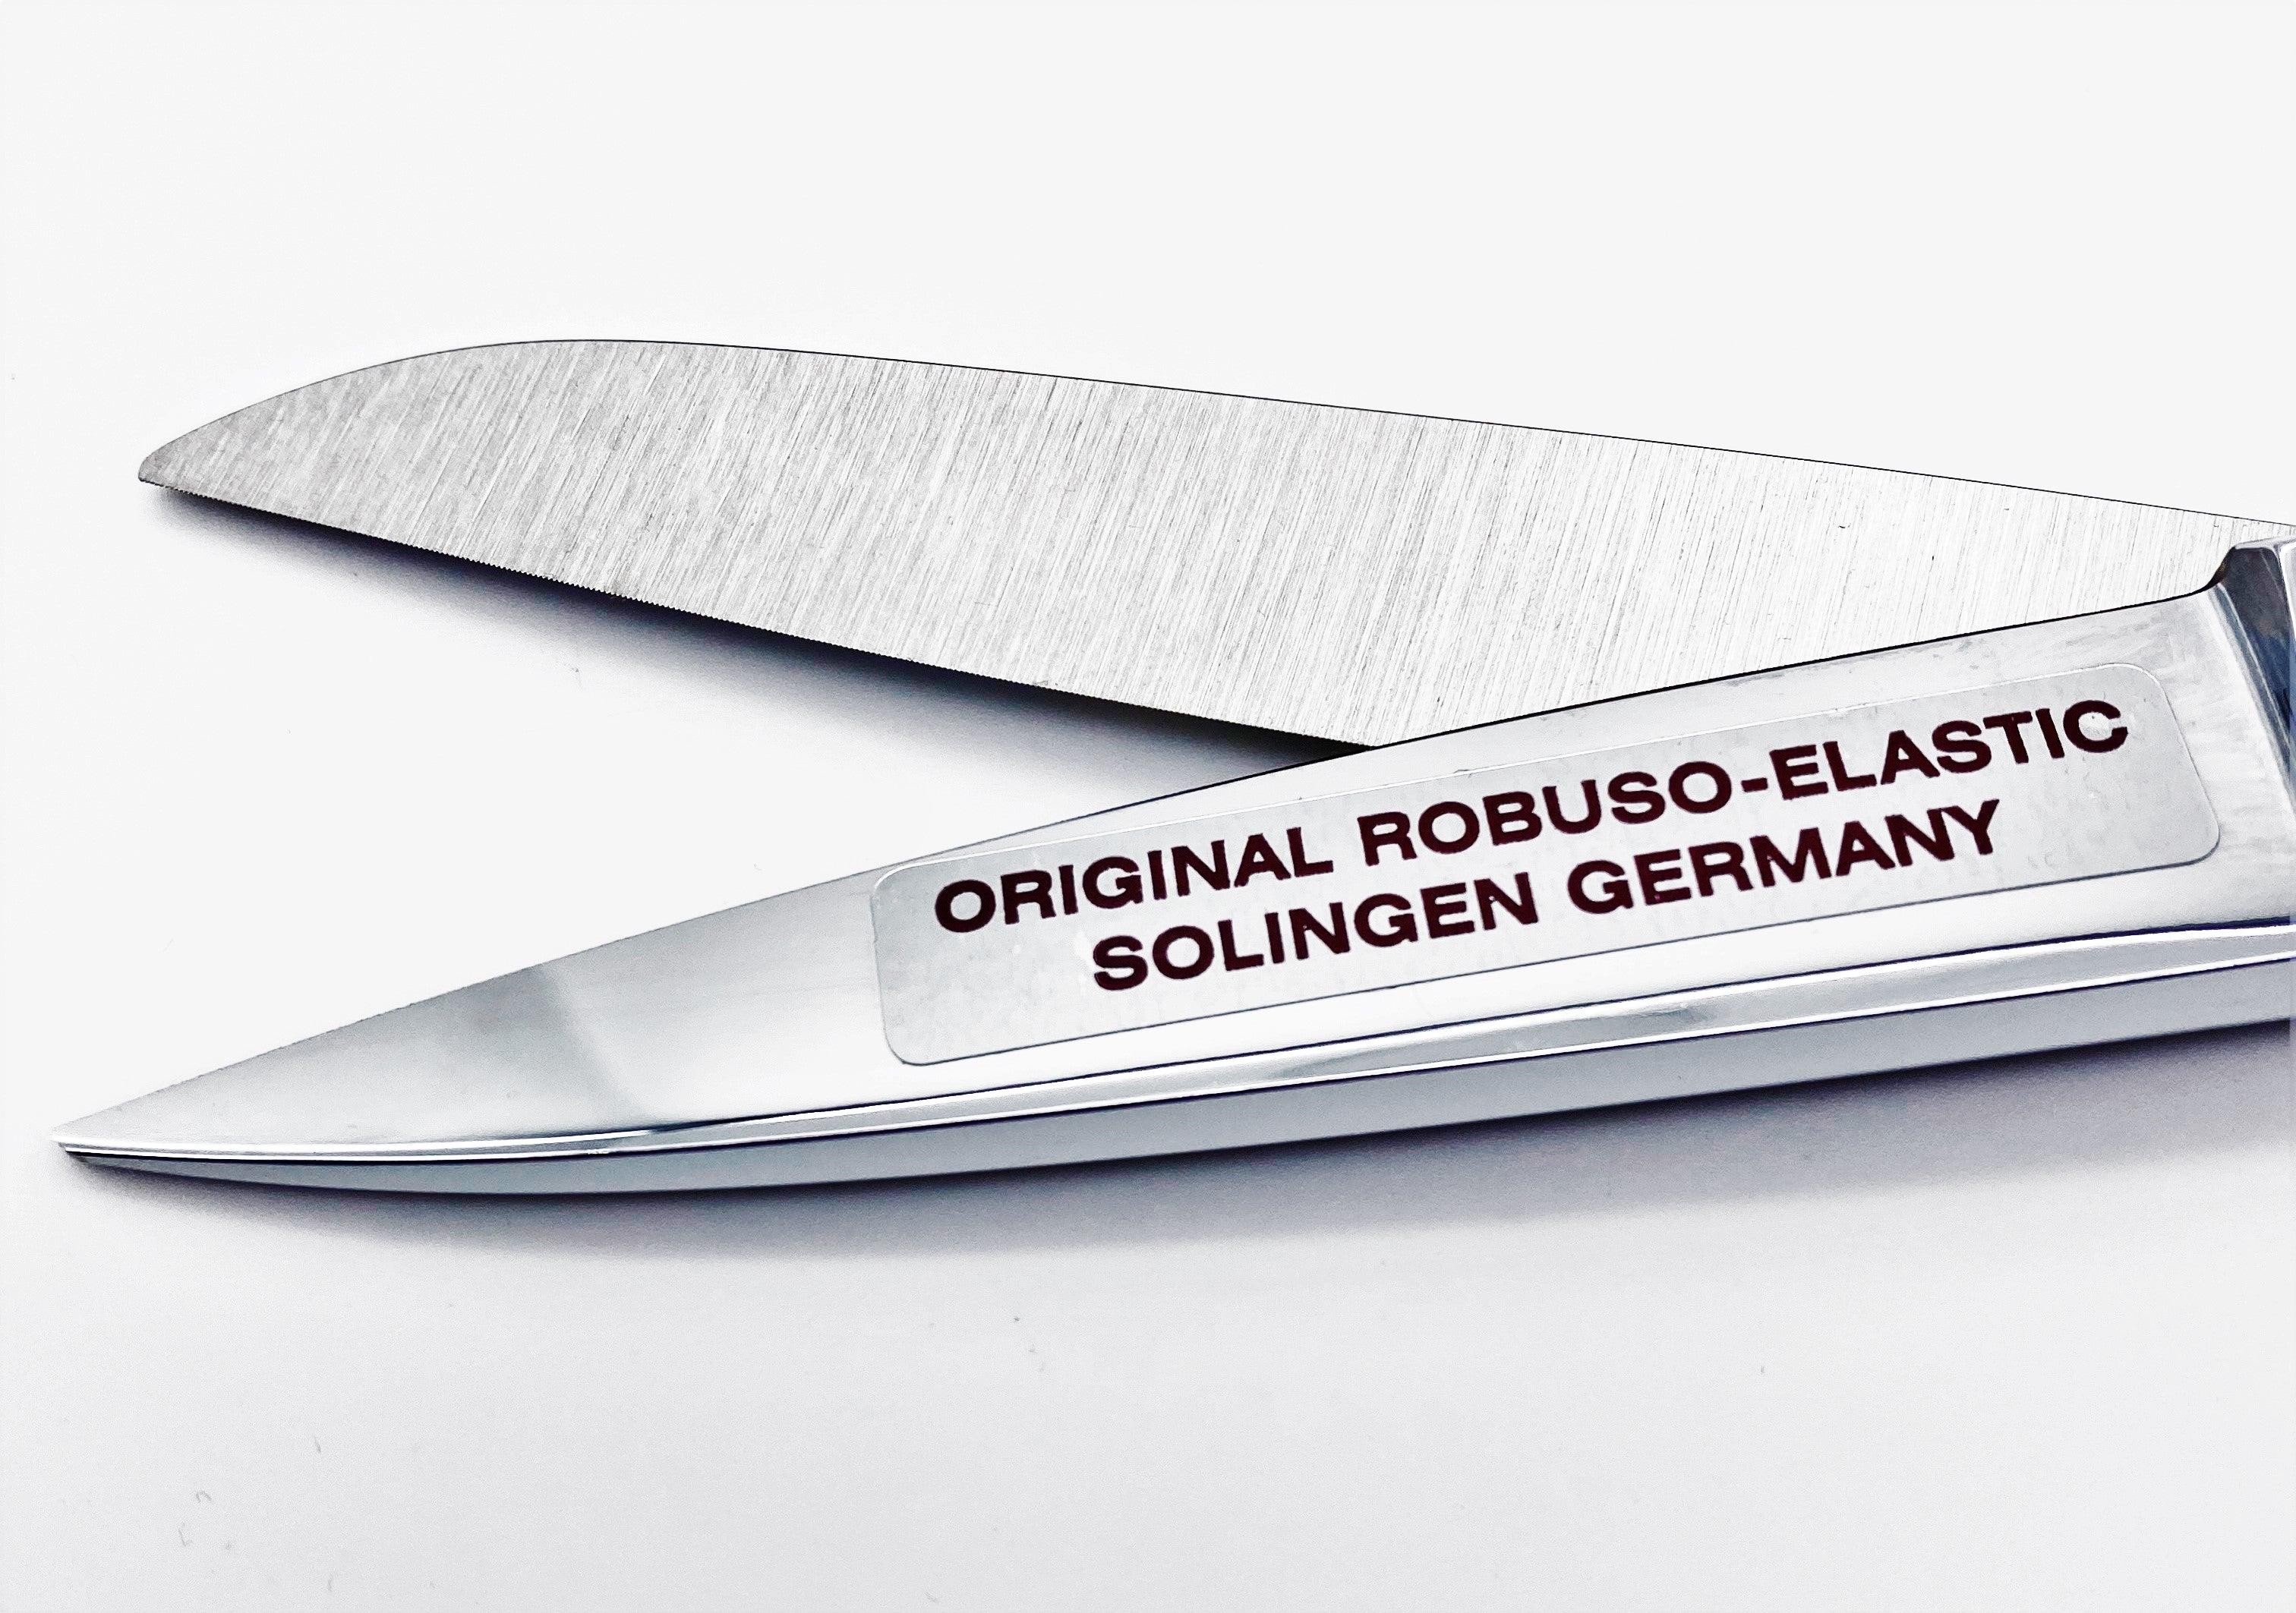 """ROBUSO-ELASTIC Schneiderschere, verzahnt + abgerundete Spitzen 1053/CR-RD/8"""""""